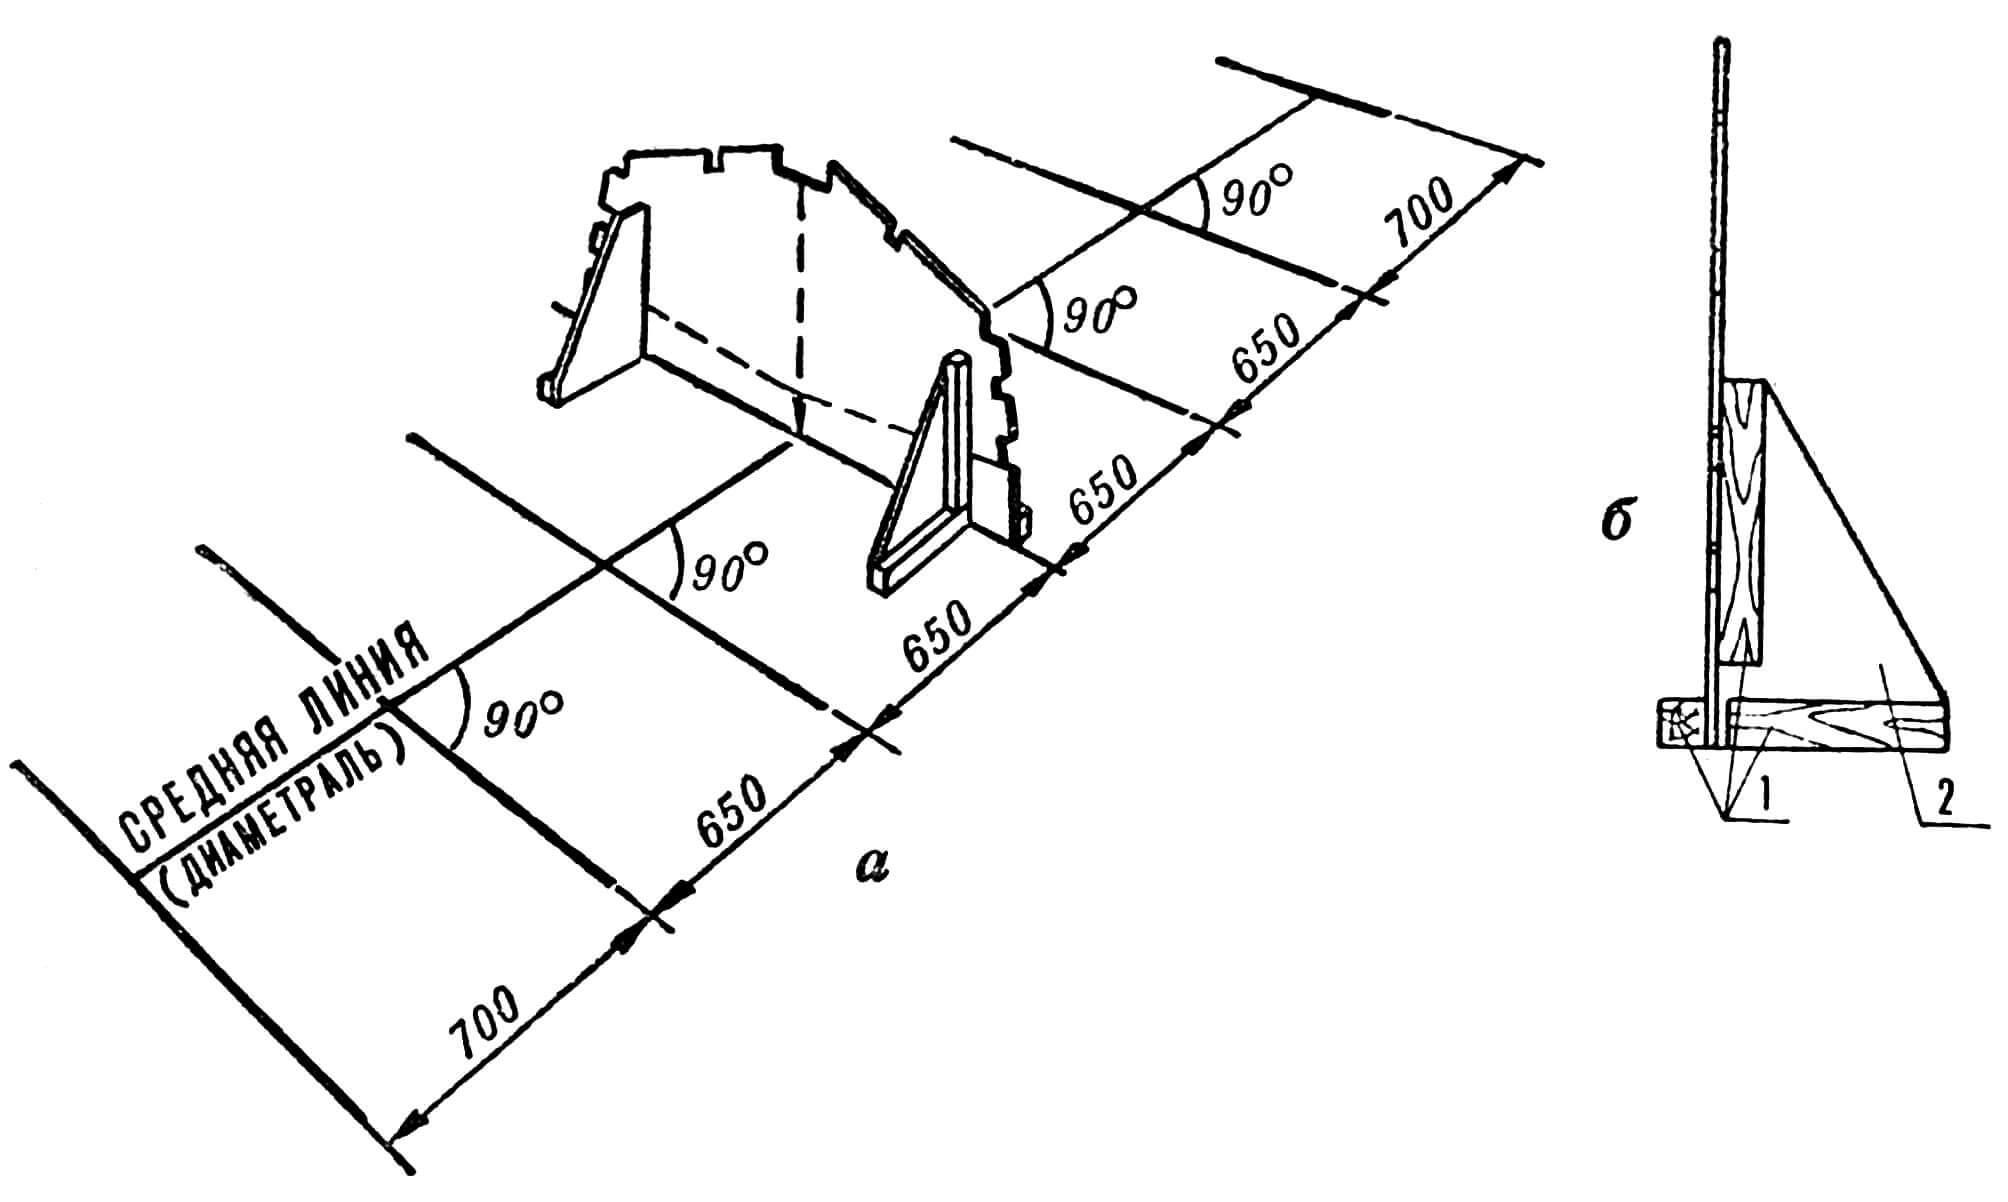 РИС. 3. РАЗМЕТКА ПЛОЩАДКИ ДЛЯ ИЗГОТОВЛЕНИЯ ЛЕКАЛ: а — общий вид площадки с установленным лекалом; б — крепление лекала; 1 — бобышки; 2 — кница.